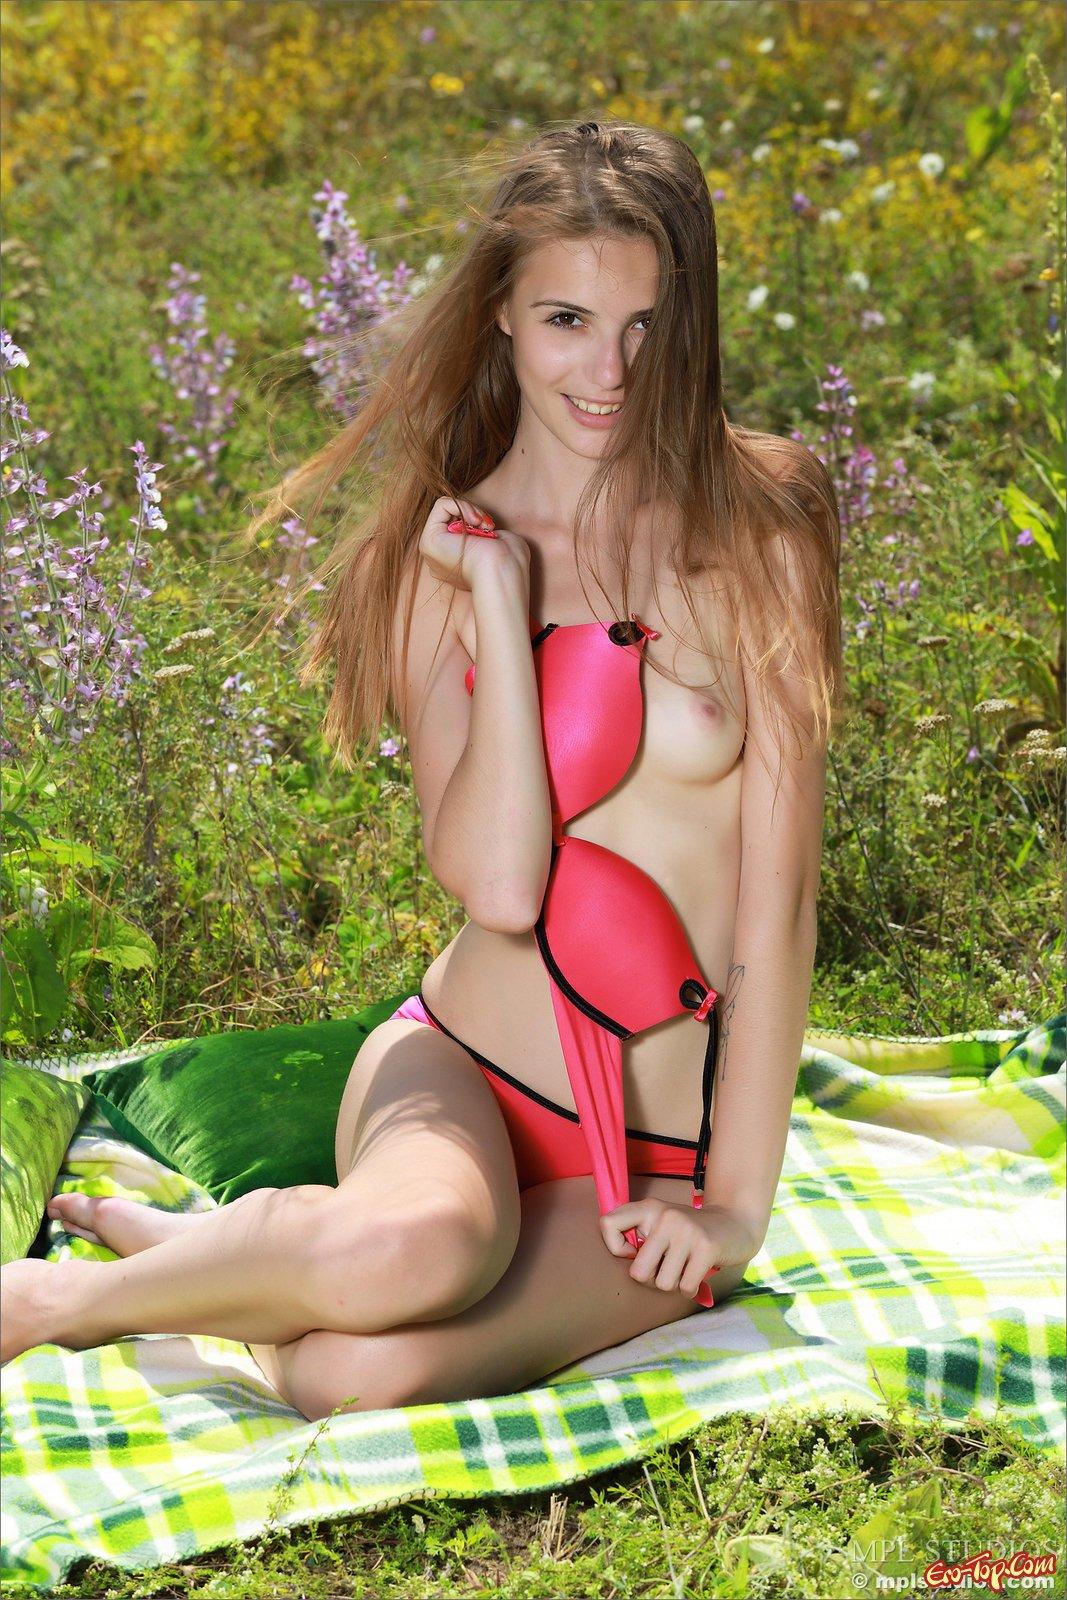 18-летняя няшка в купальнике разделась в саду